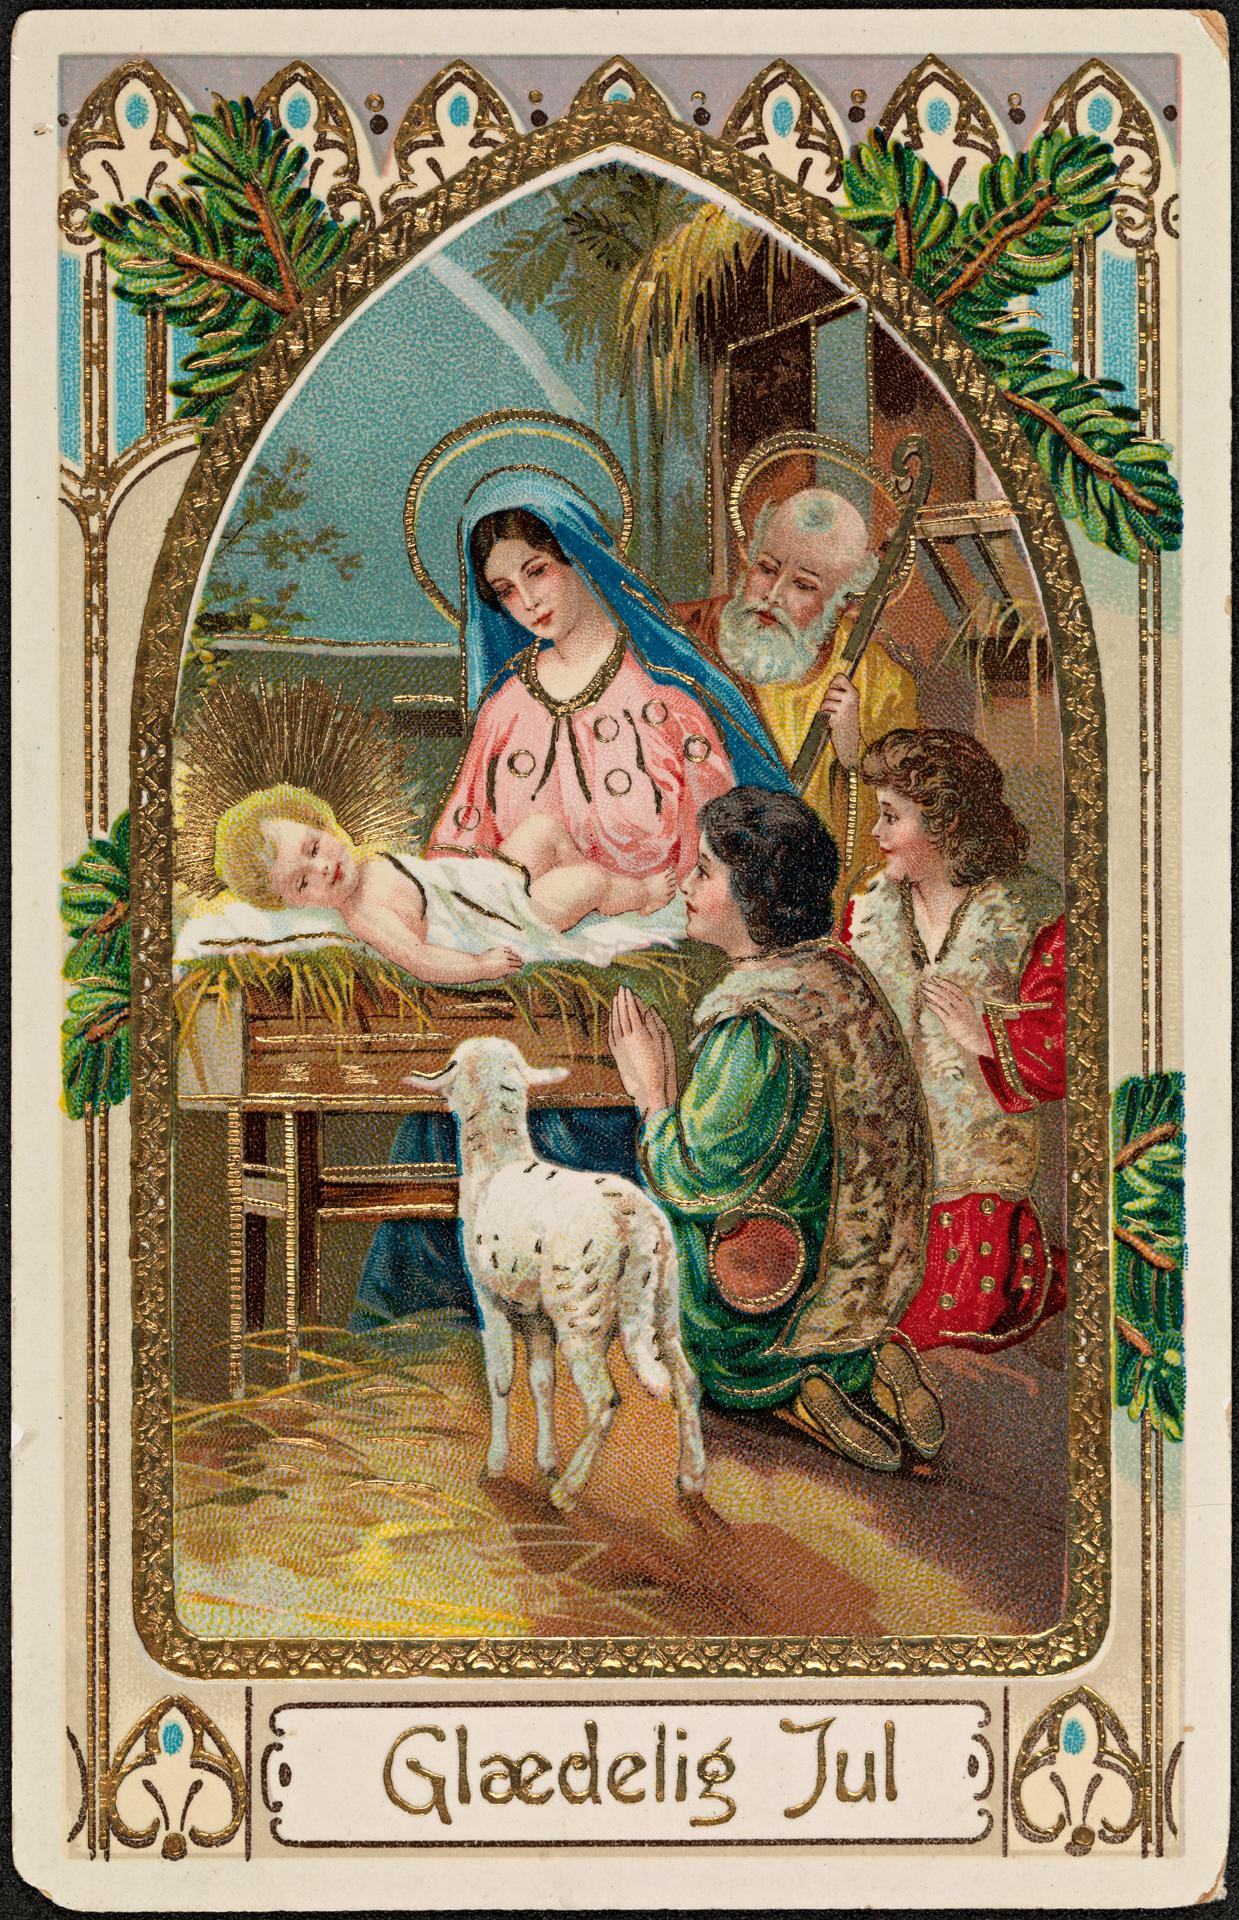 božićne čestitke u stihovima Božićna čestitka – Wikipedija božićne čestitke u stihovima